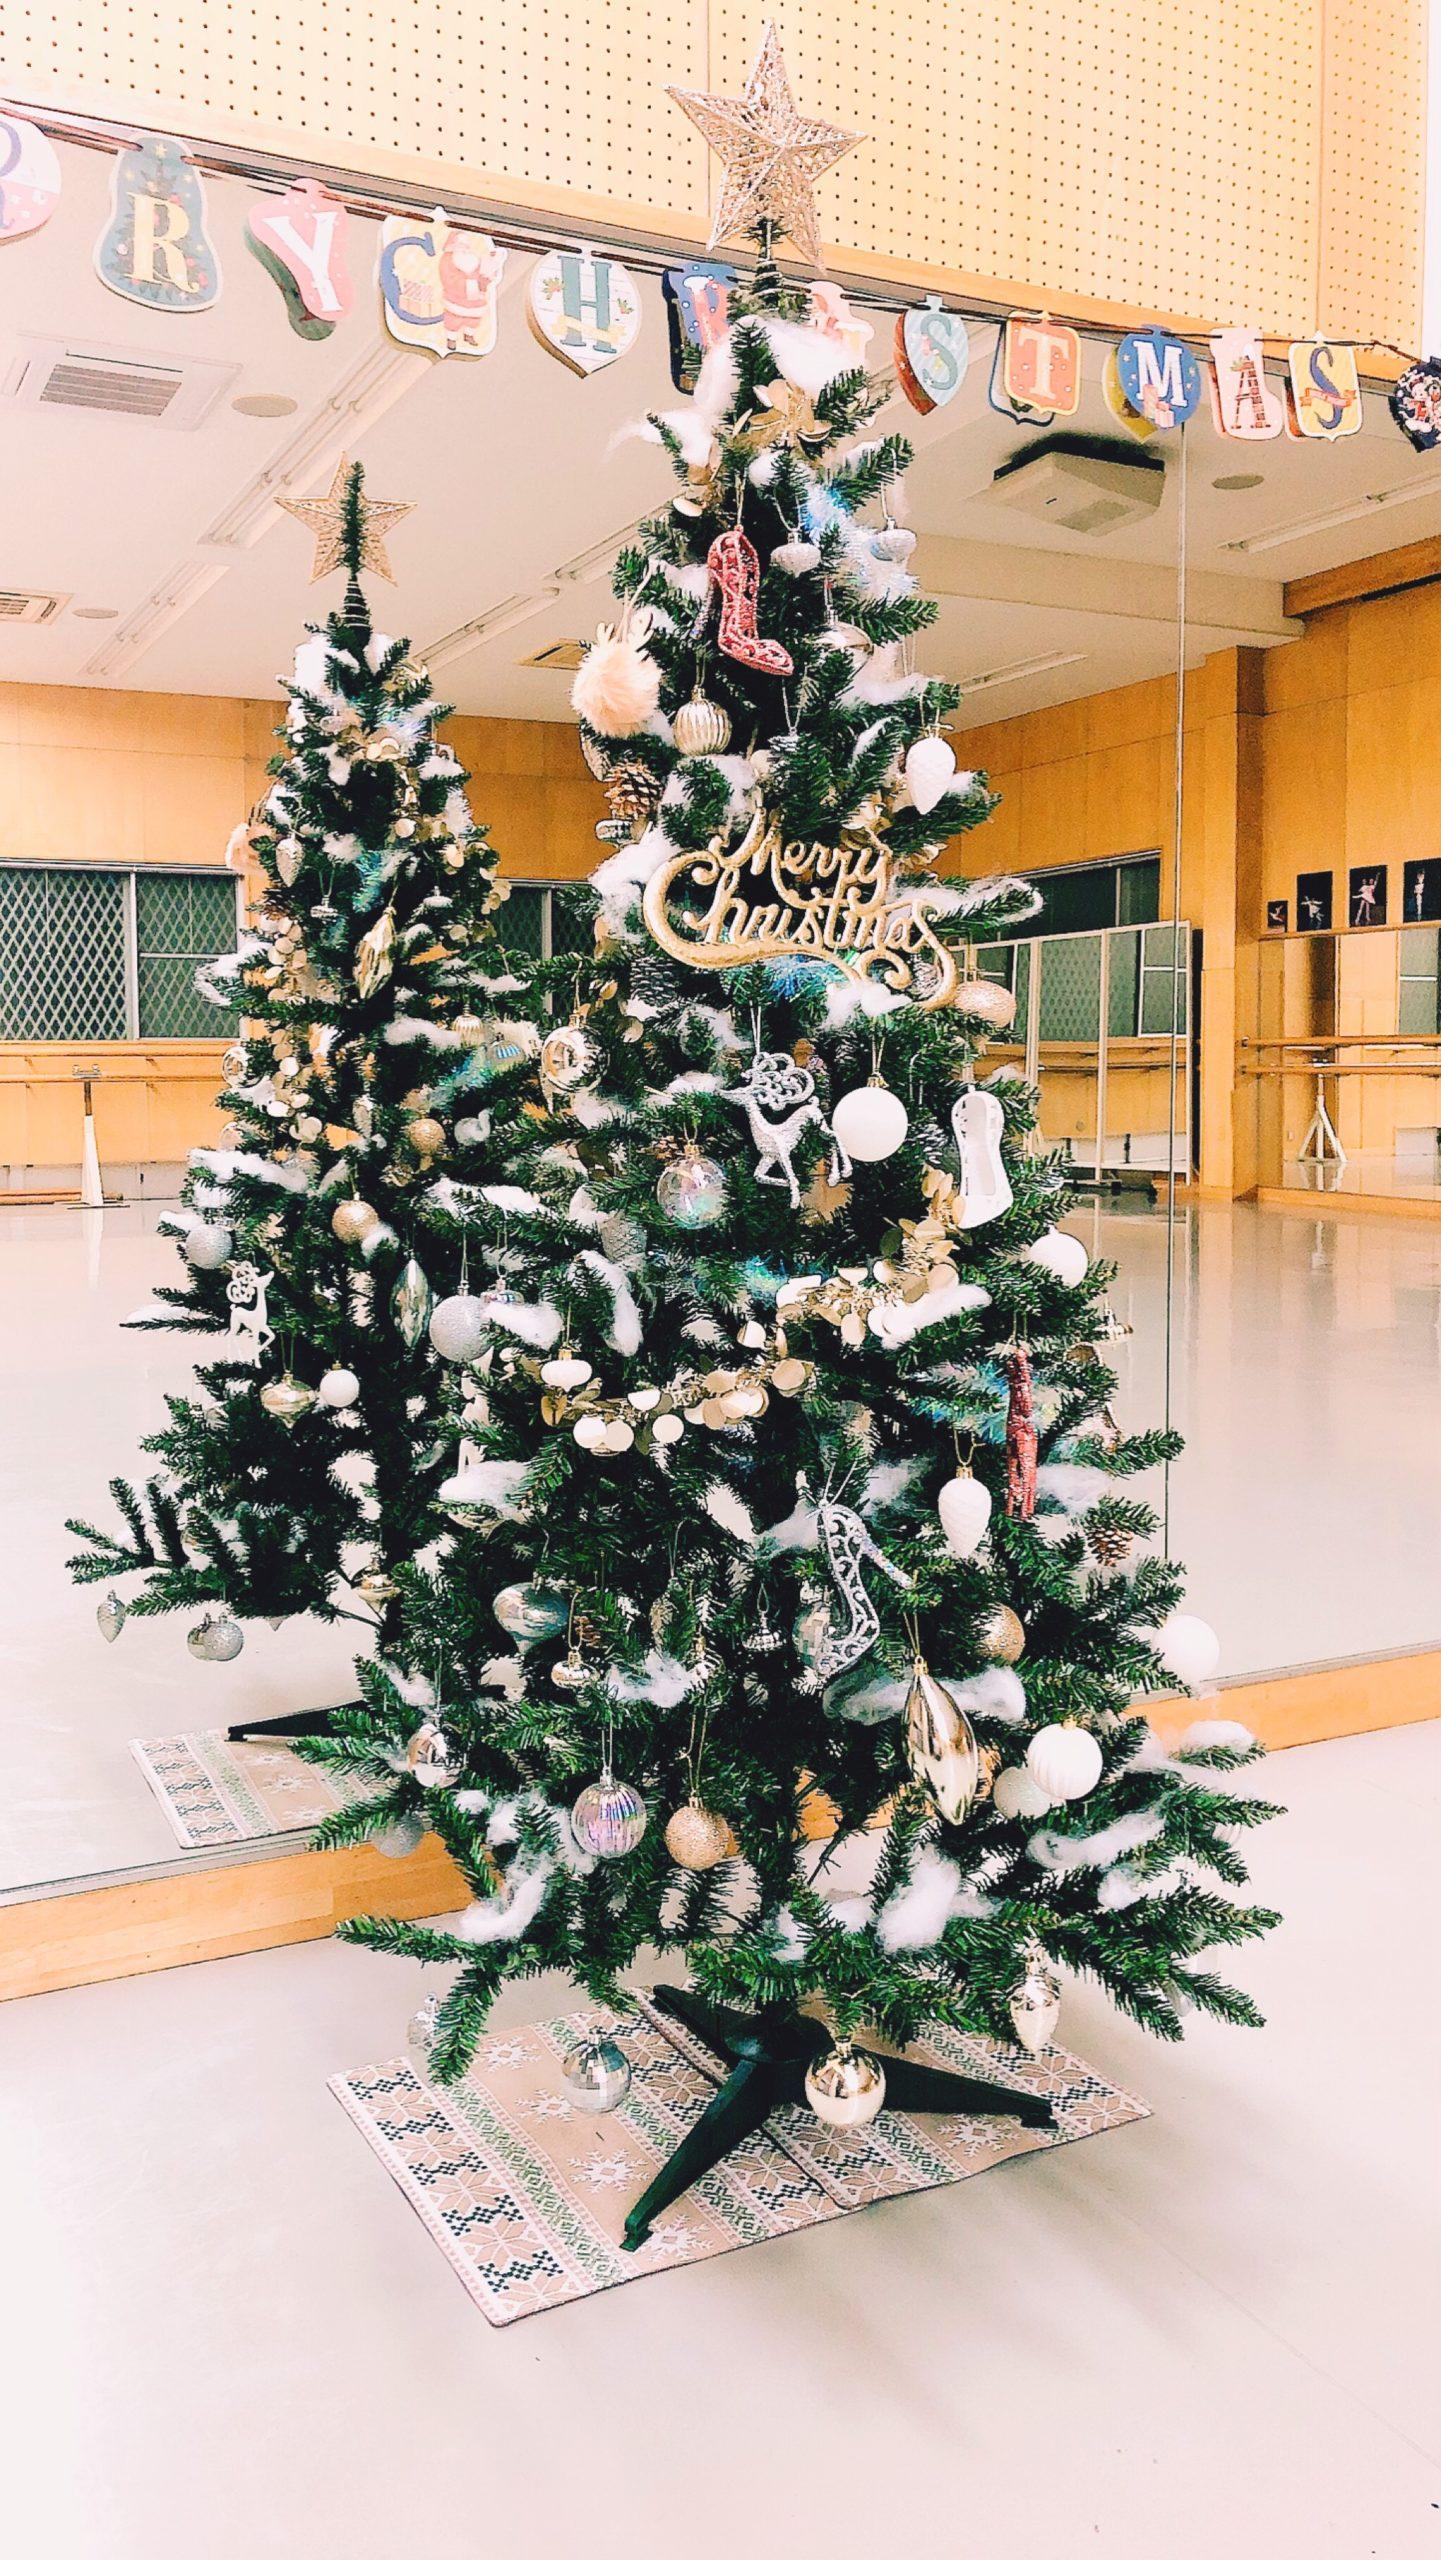 ちょっと早めのクリスマス飾り付け♪